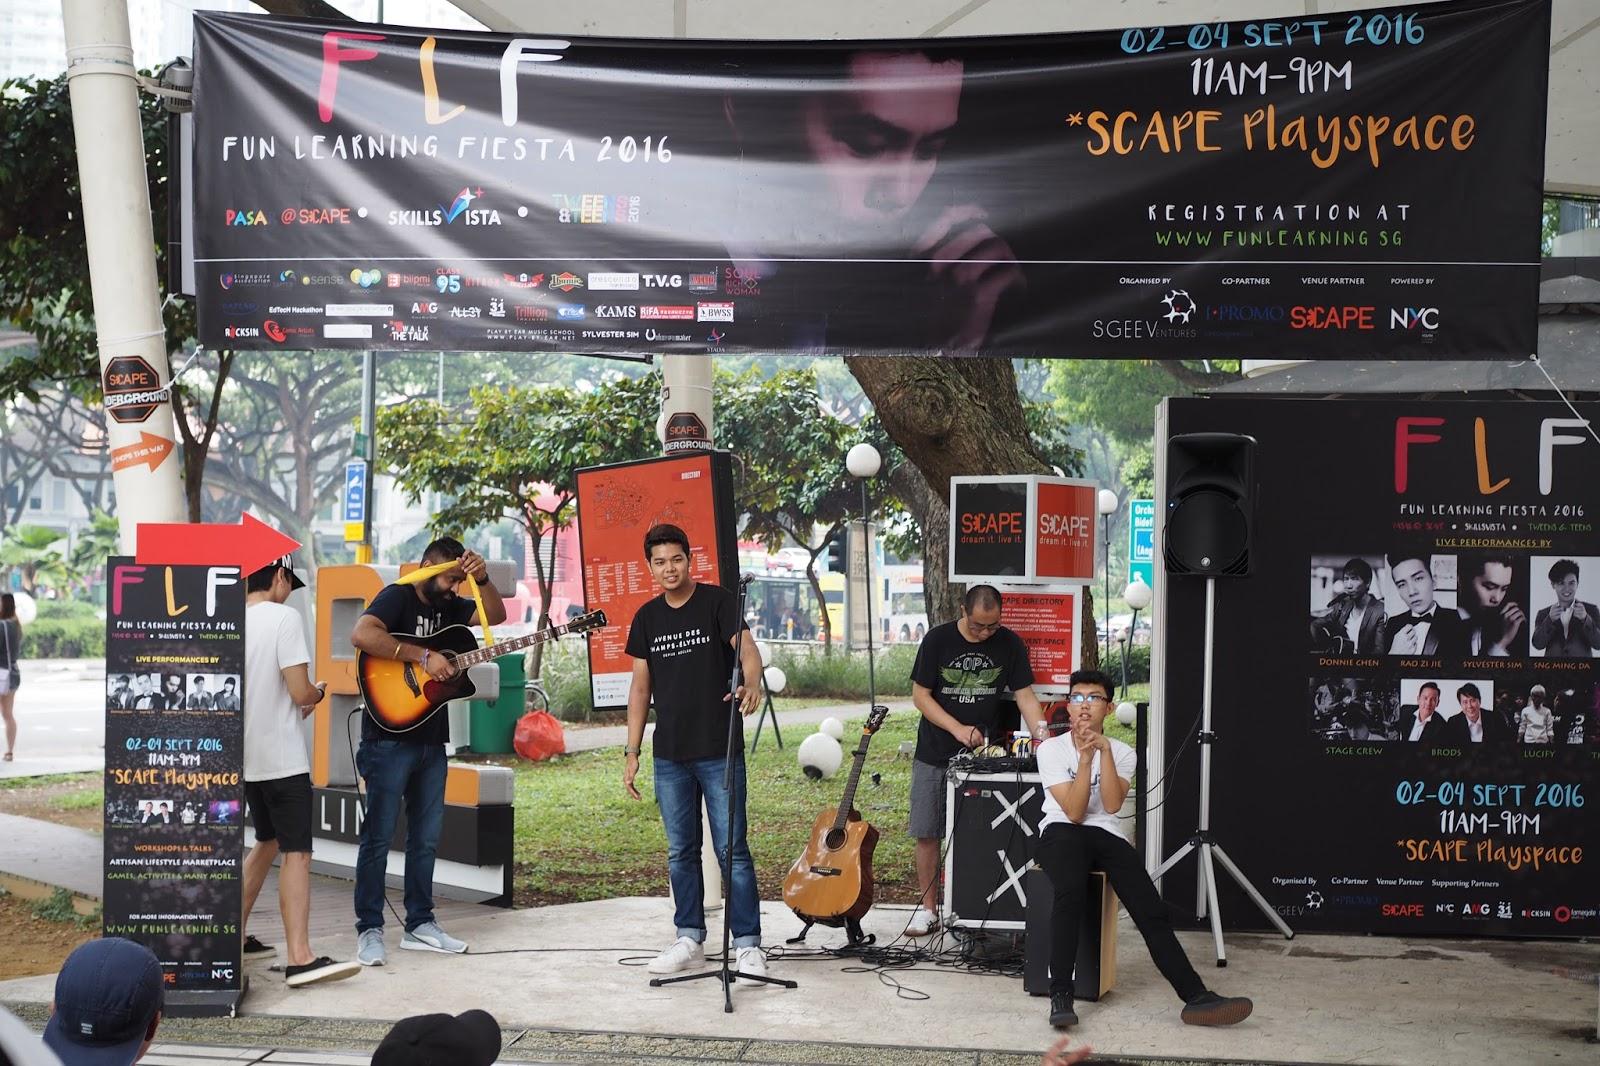 September 2016 - Fun Learning Fiesta (FLF) @ SCAPE